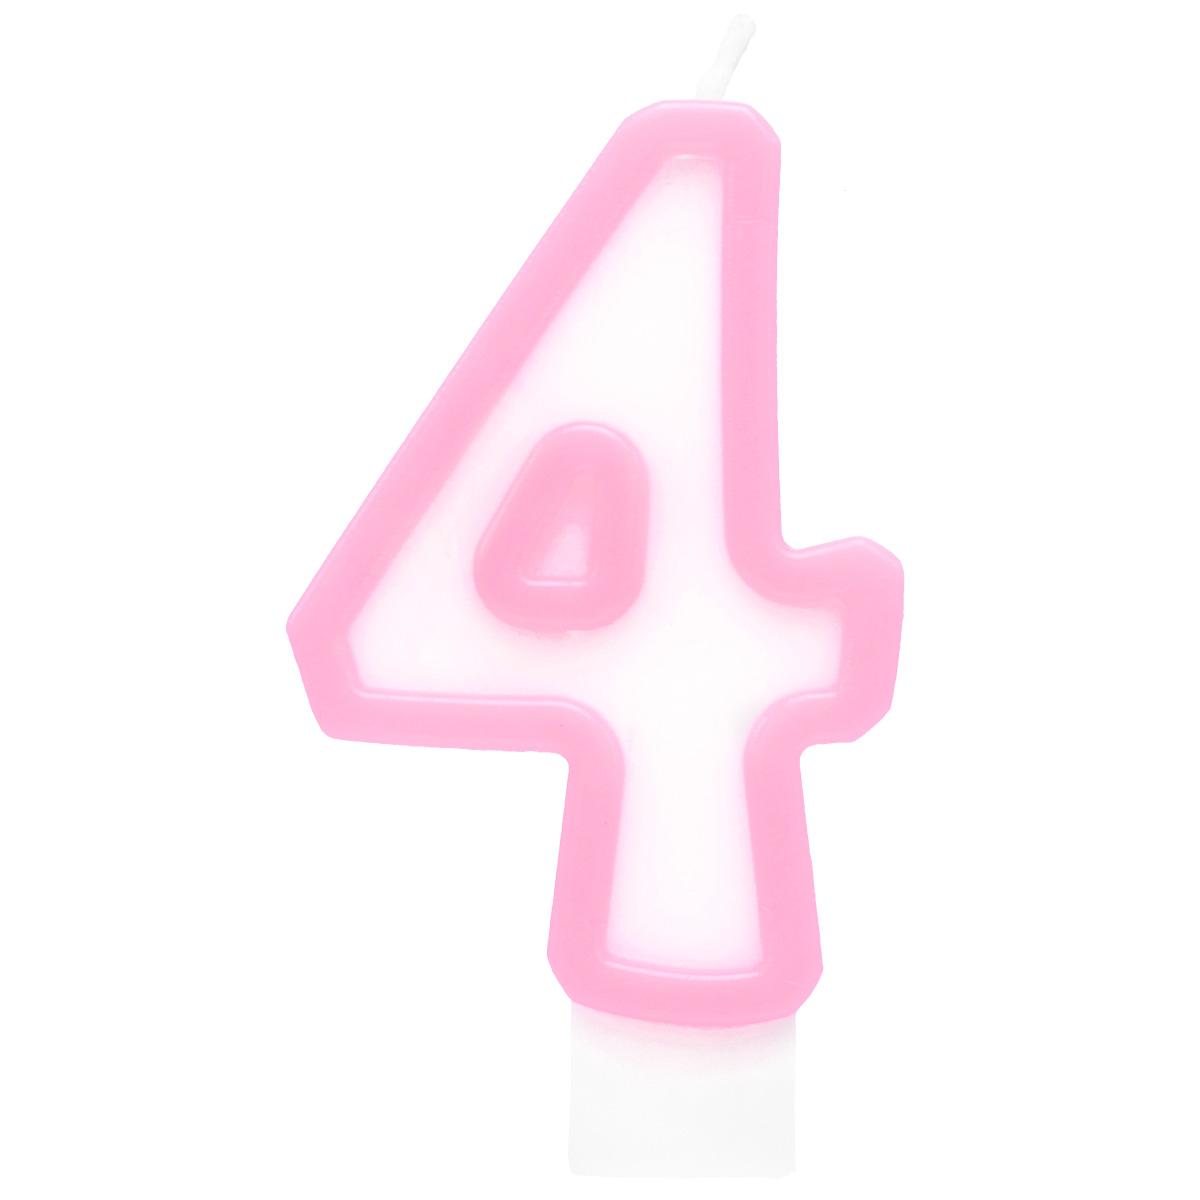 Action! Свеча-цифра для торта 4 летAPI0318-4Свеча-Цифра 4 для торта , разноцветная, 7см, материал: парафин